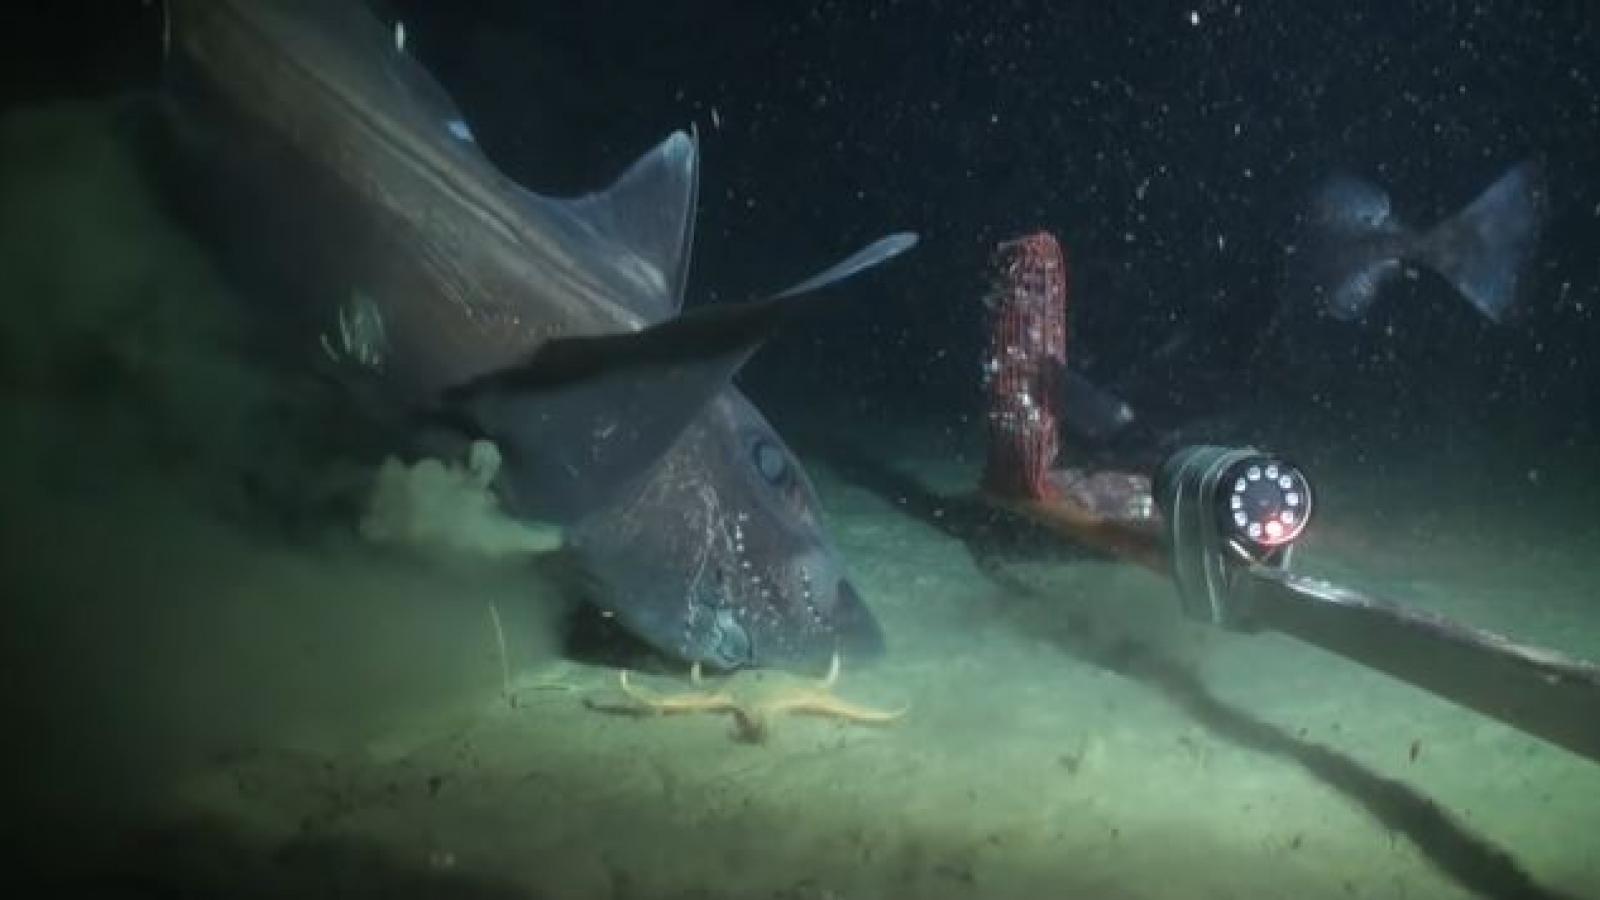 """Chiêm ngưỡng hình dạng """"độc nhất vô nhị"""" của những sinh vật dưới đáy đại dương"""